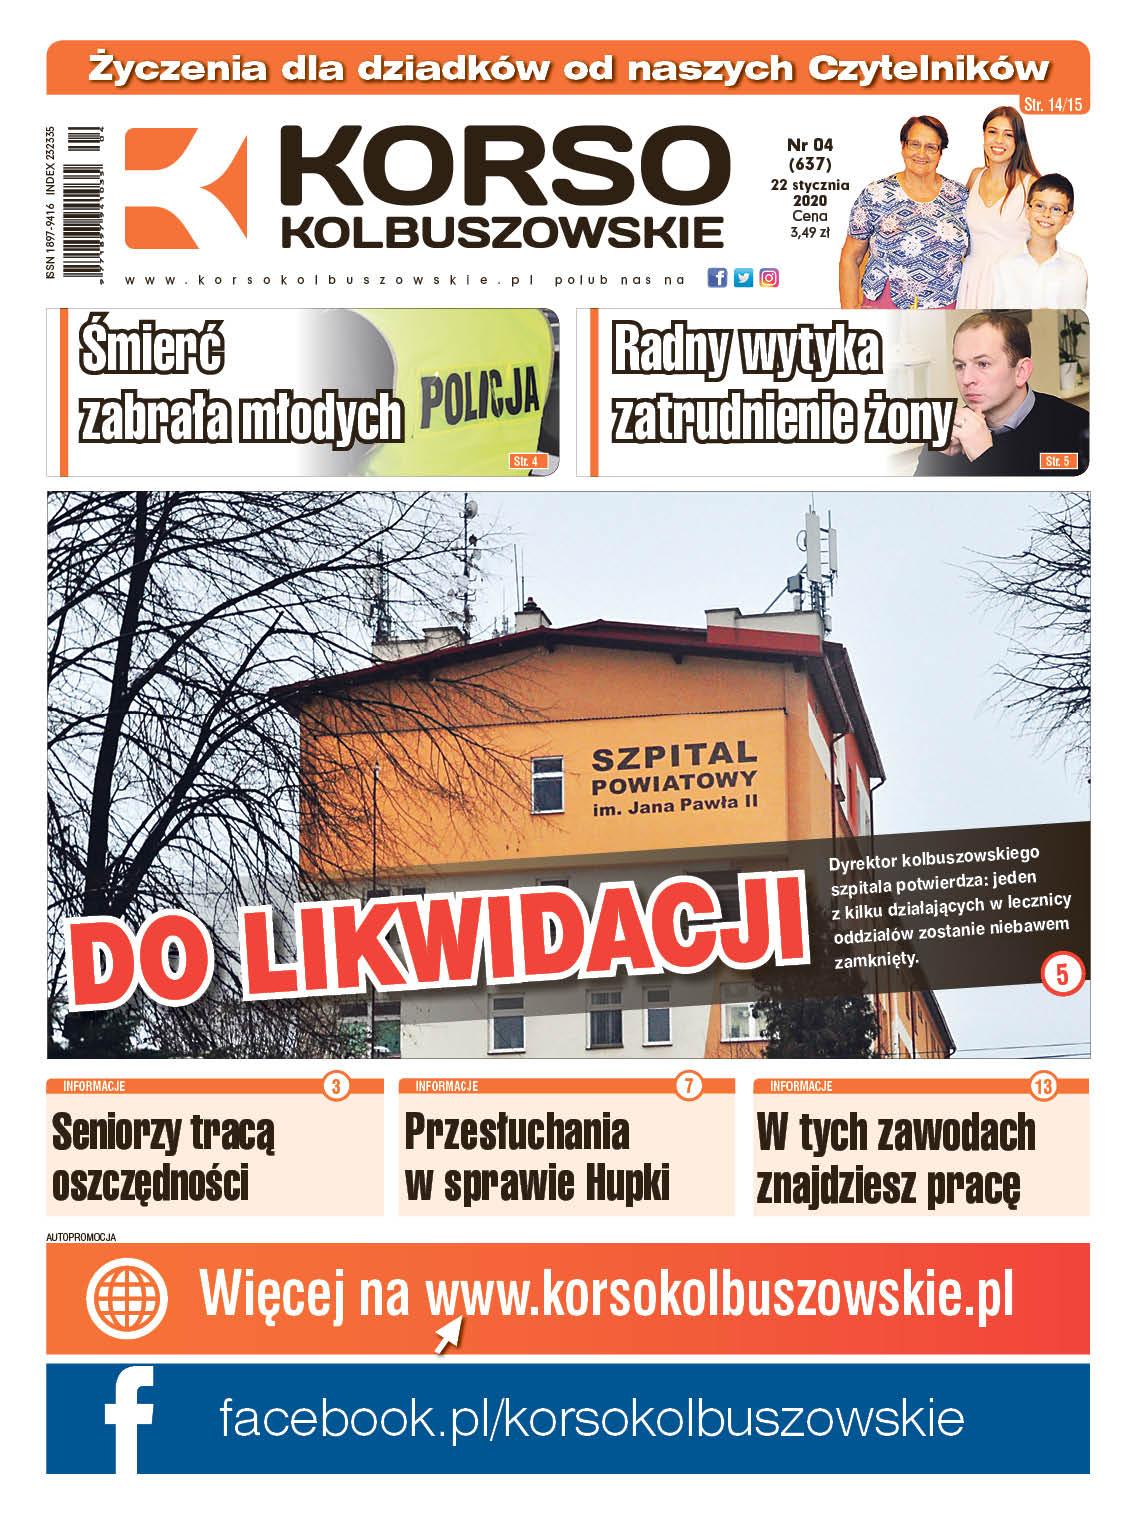 Korso Kolbuszowskie - nr 4/2020 - Zdjęcie główne